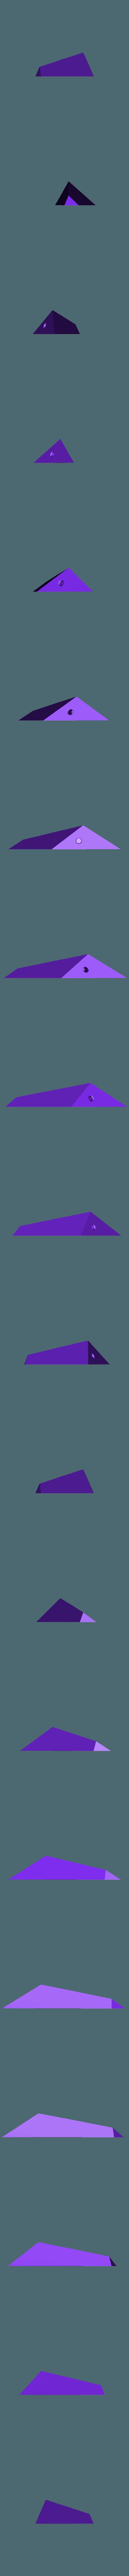 right_leg.stl Télécharger fichier STL gratuit Porte-casque • Plan pour imprimante 3D, marcossierra